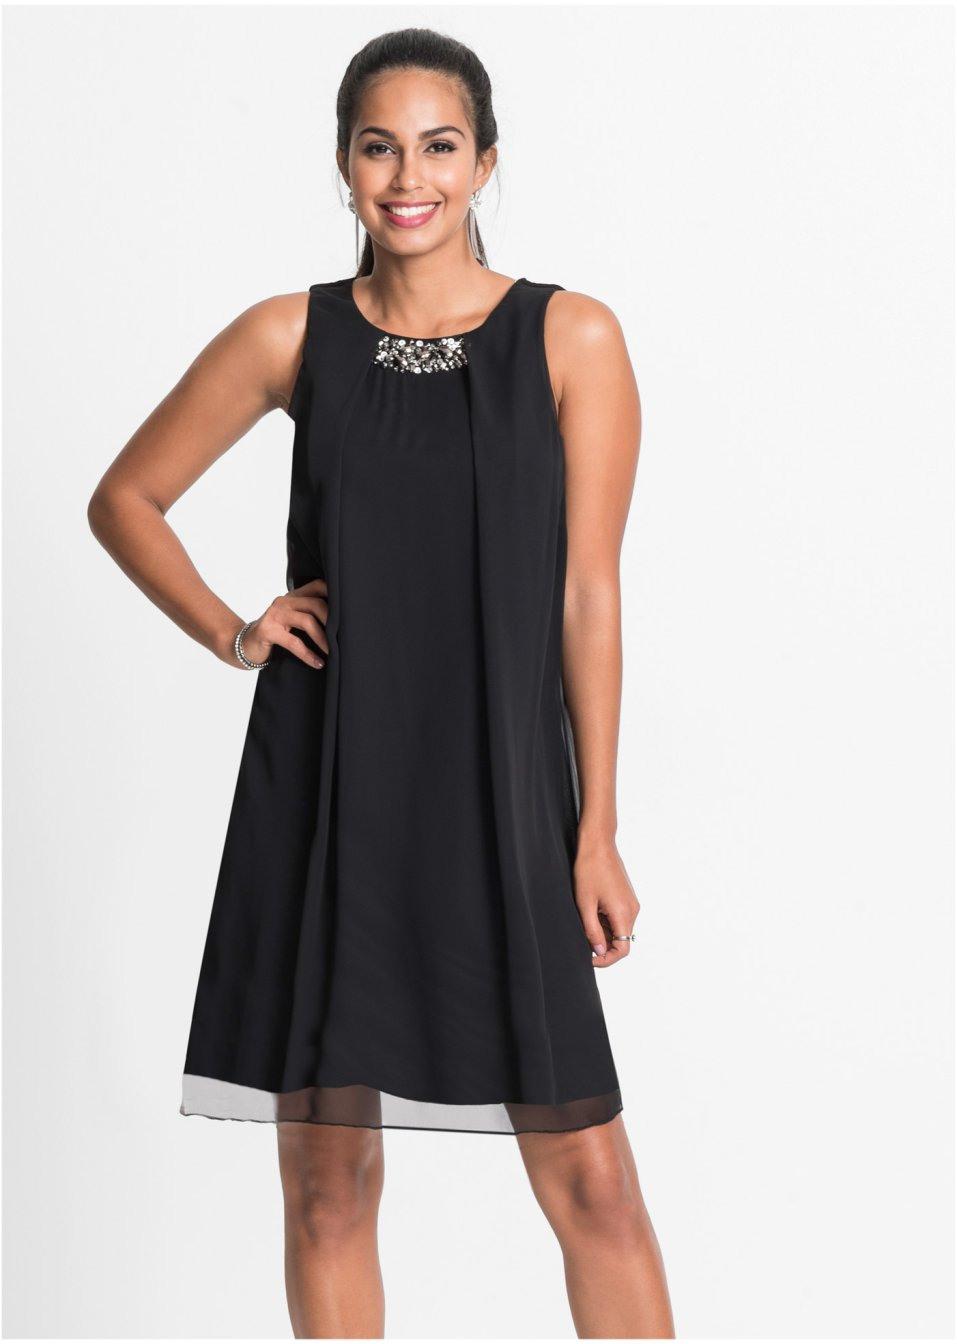 Kleid Mit Chiffonüberwurf Und Applikationen Schwarz